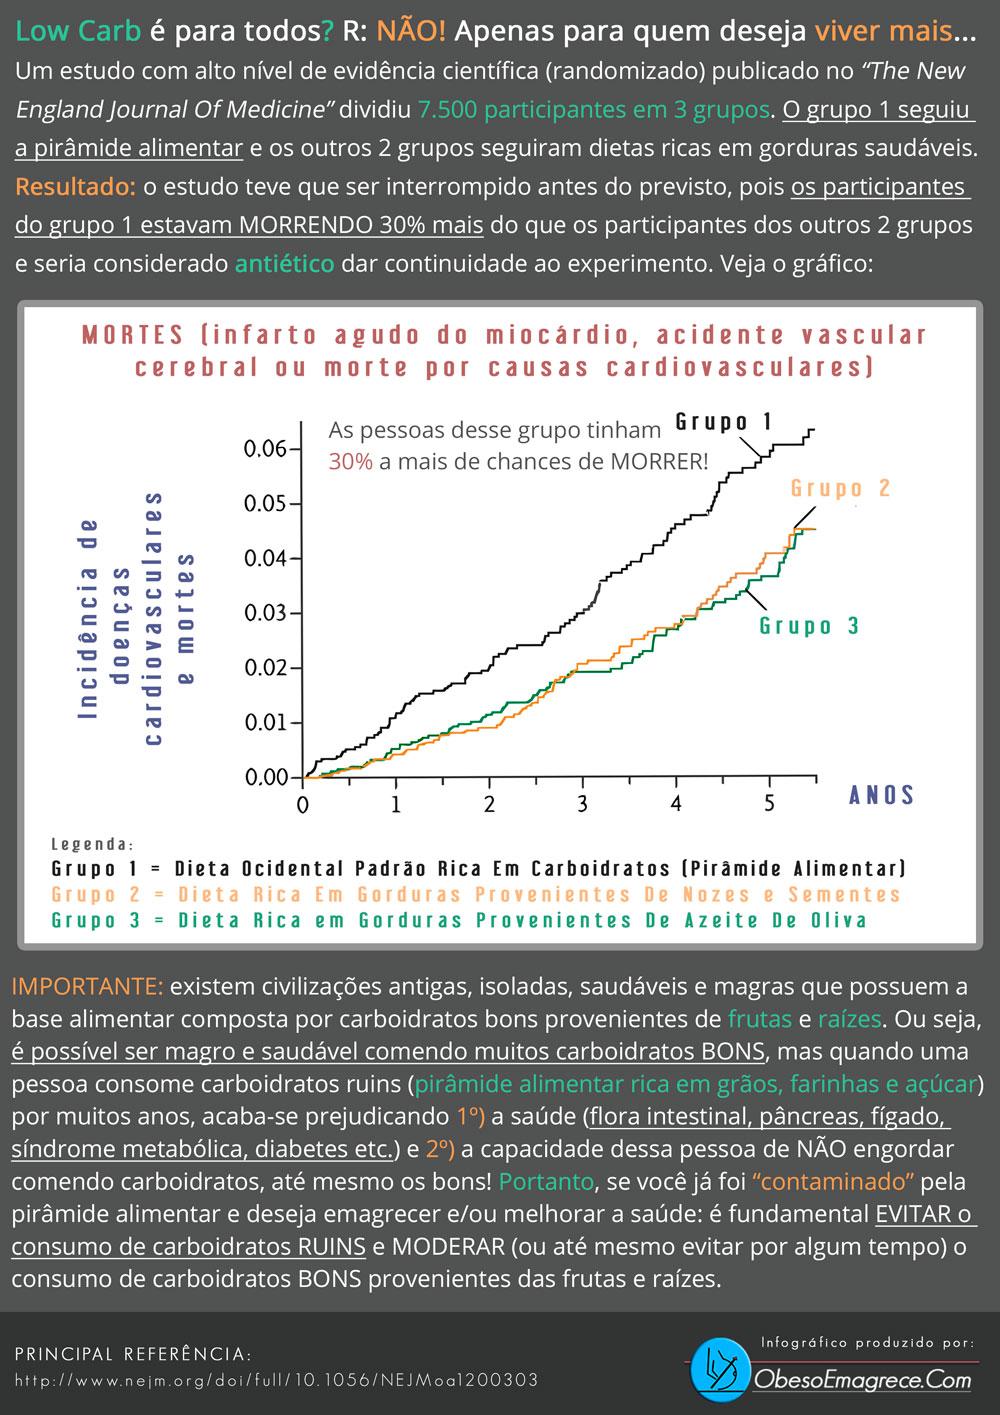 cardápio low carb para emagrecer - infográfico demonstrando que pessoas que seguem a pirâmide alimentar morrem mais do que quem faz low carb